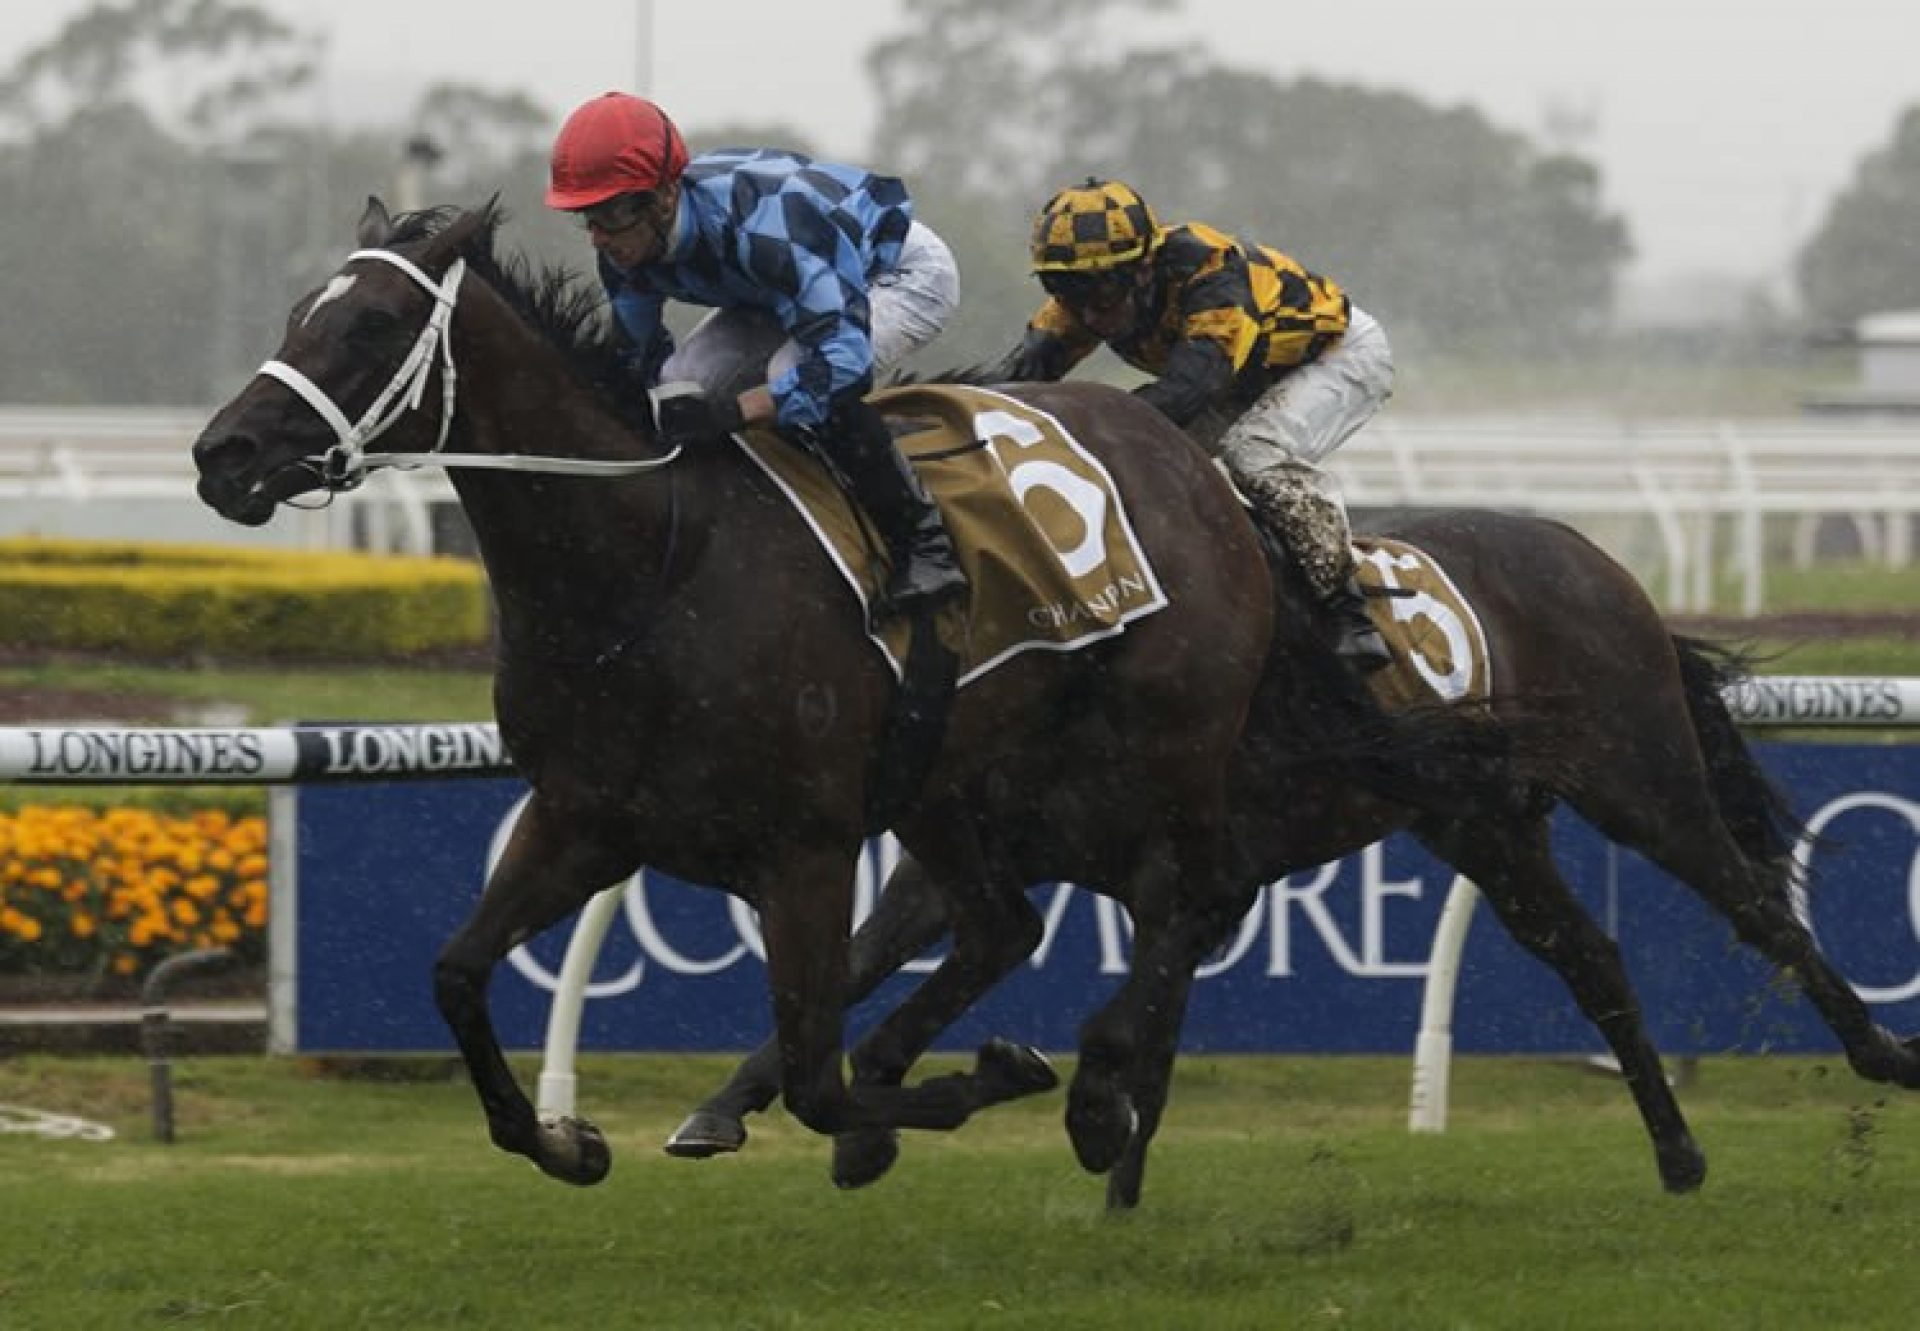 Funstar (Adelaide) winning the Gr.2 Phar Lap Stakes at Rosehill